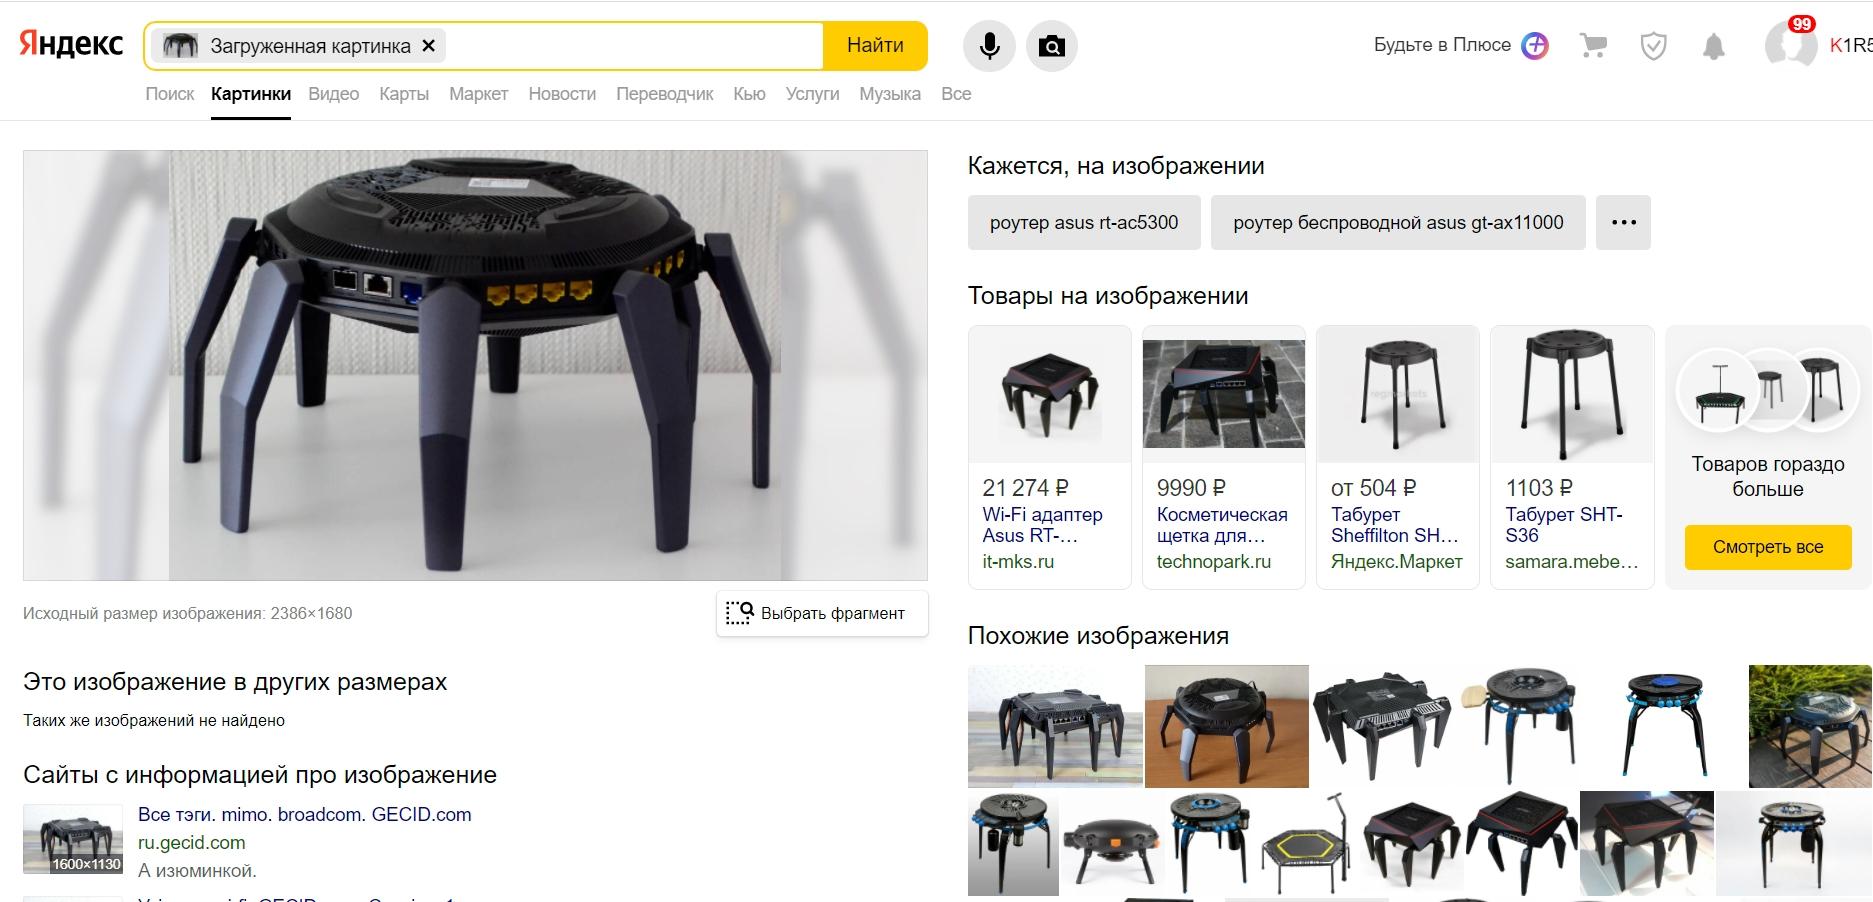 Поиск по фото и картинке в Яндексе: нашел лучшие способы